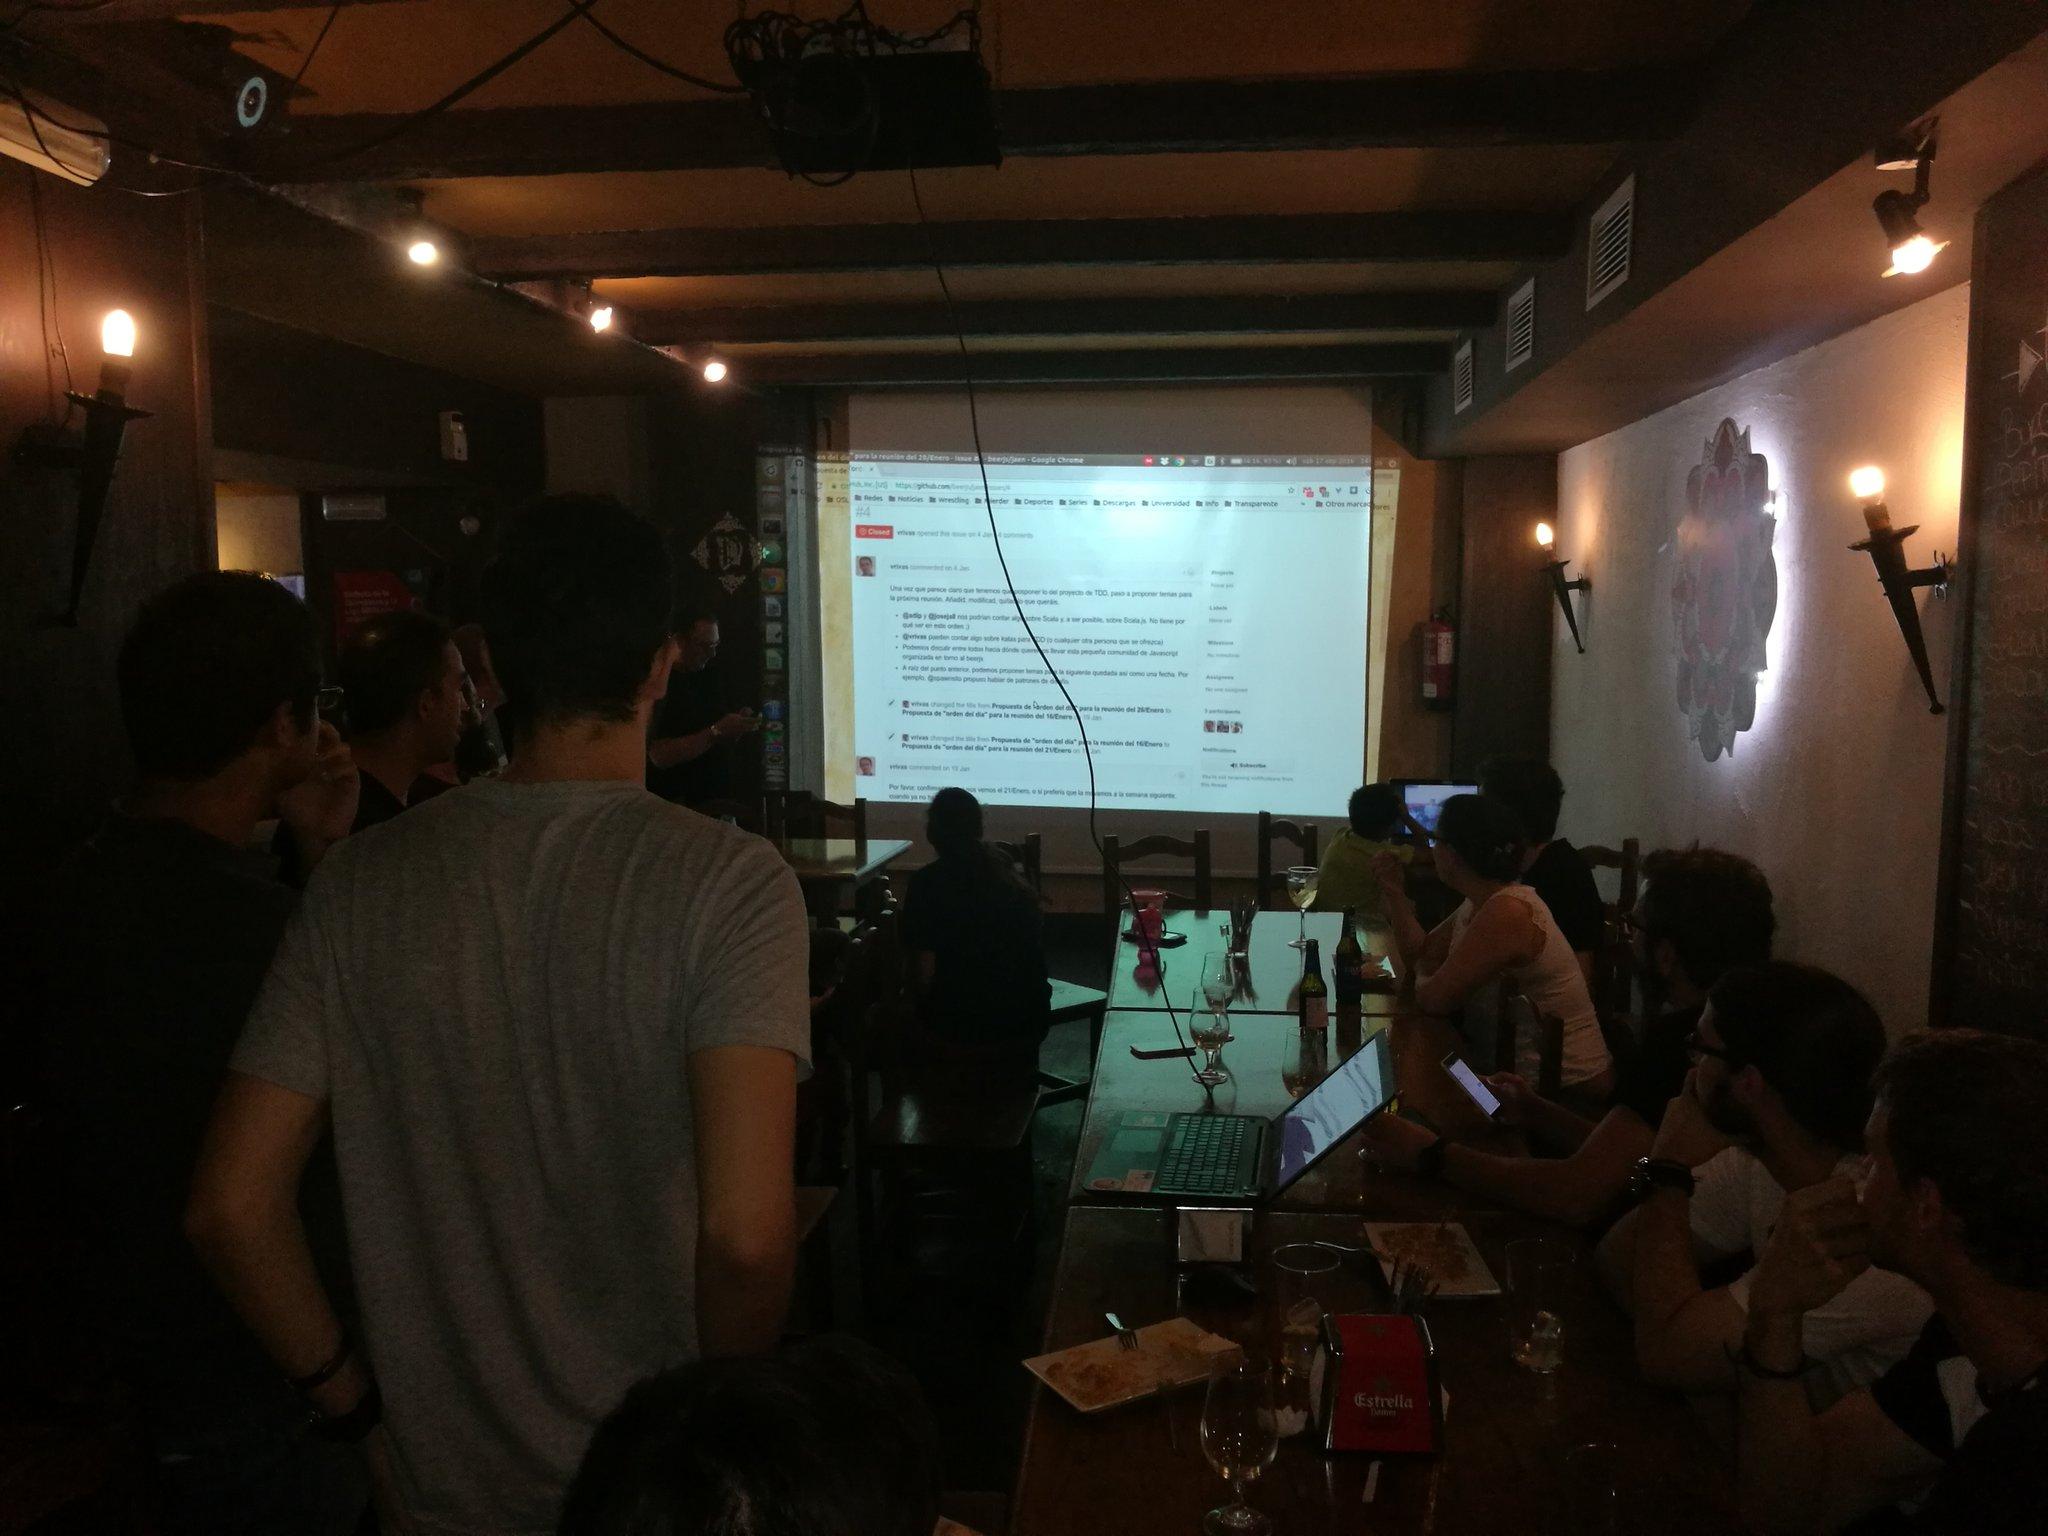 Presentación del proyecto de @beerjs en Jaén y Granada por @vrsantos. #SFD #SoftwareFreedomDay https://t.co/yz6en15C9l